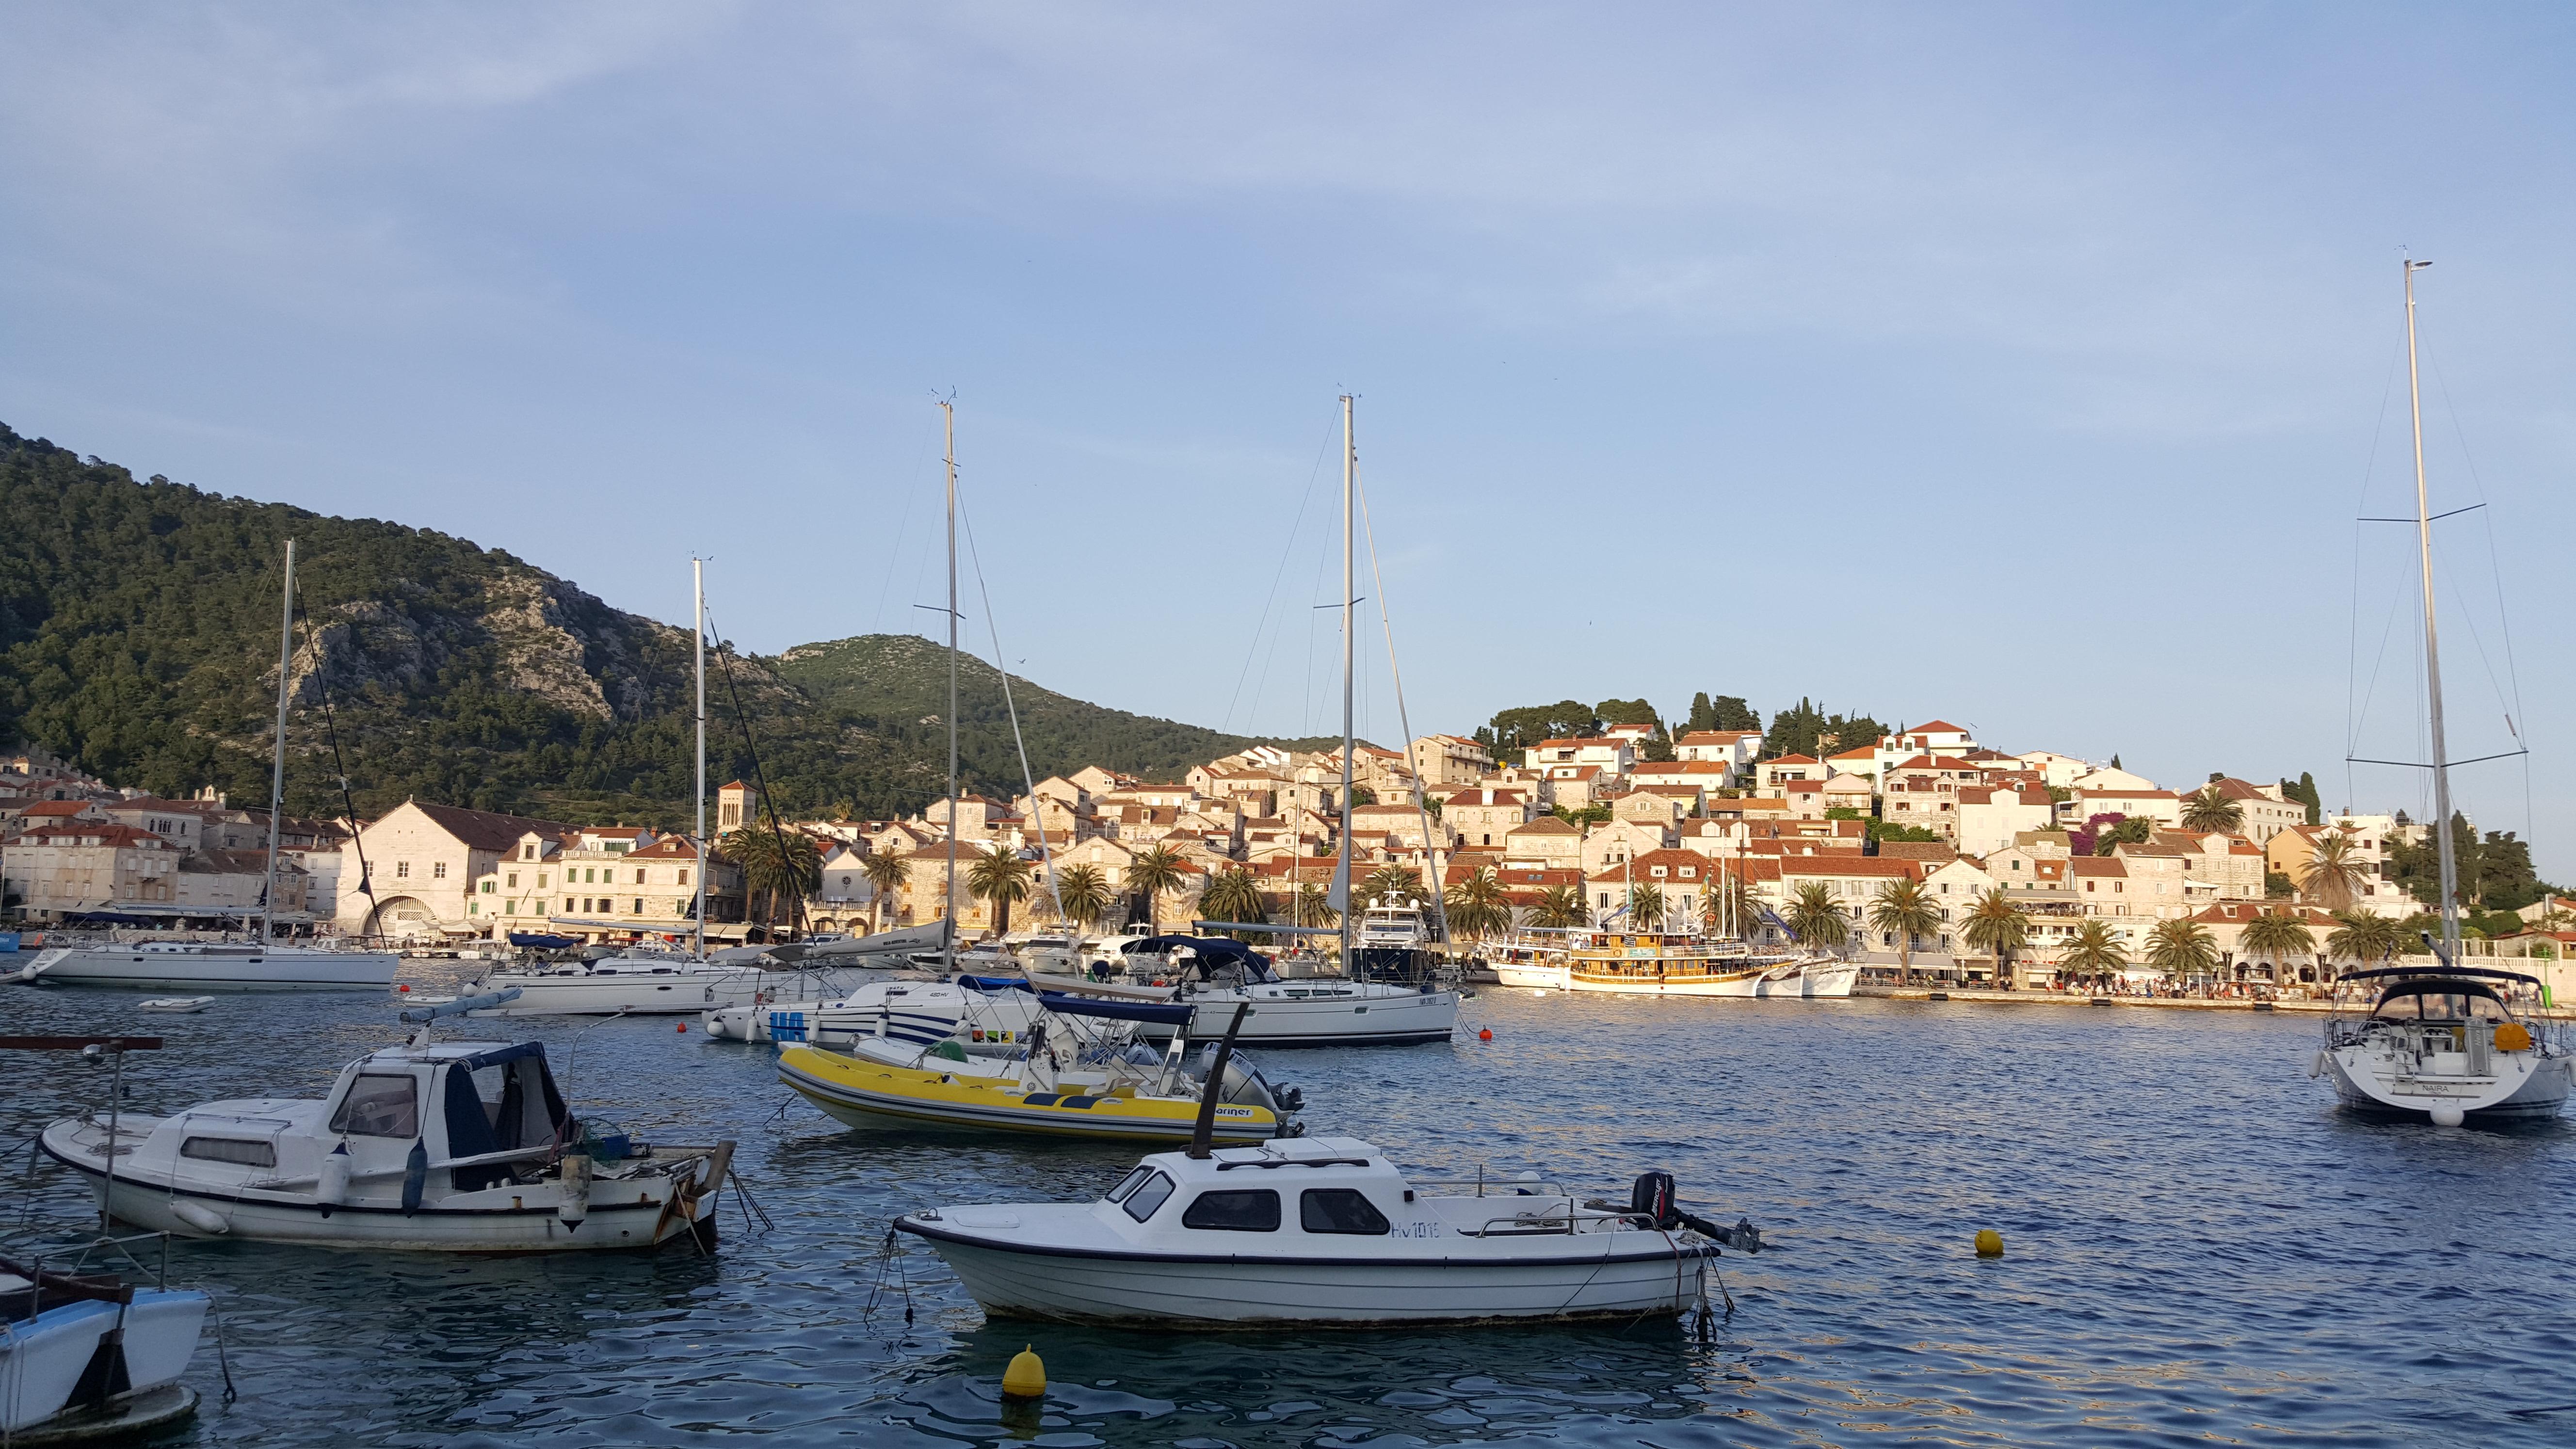 O lindíssimo vilarejo de Hvar, na ilha homônima